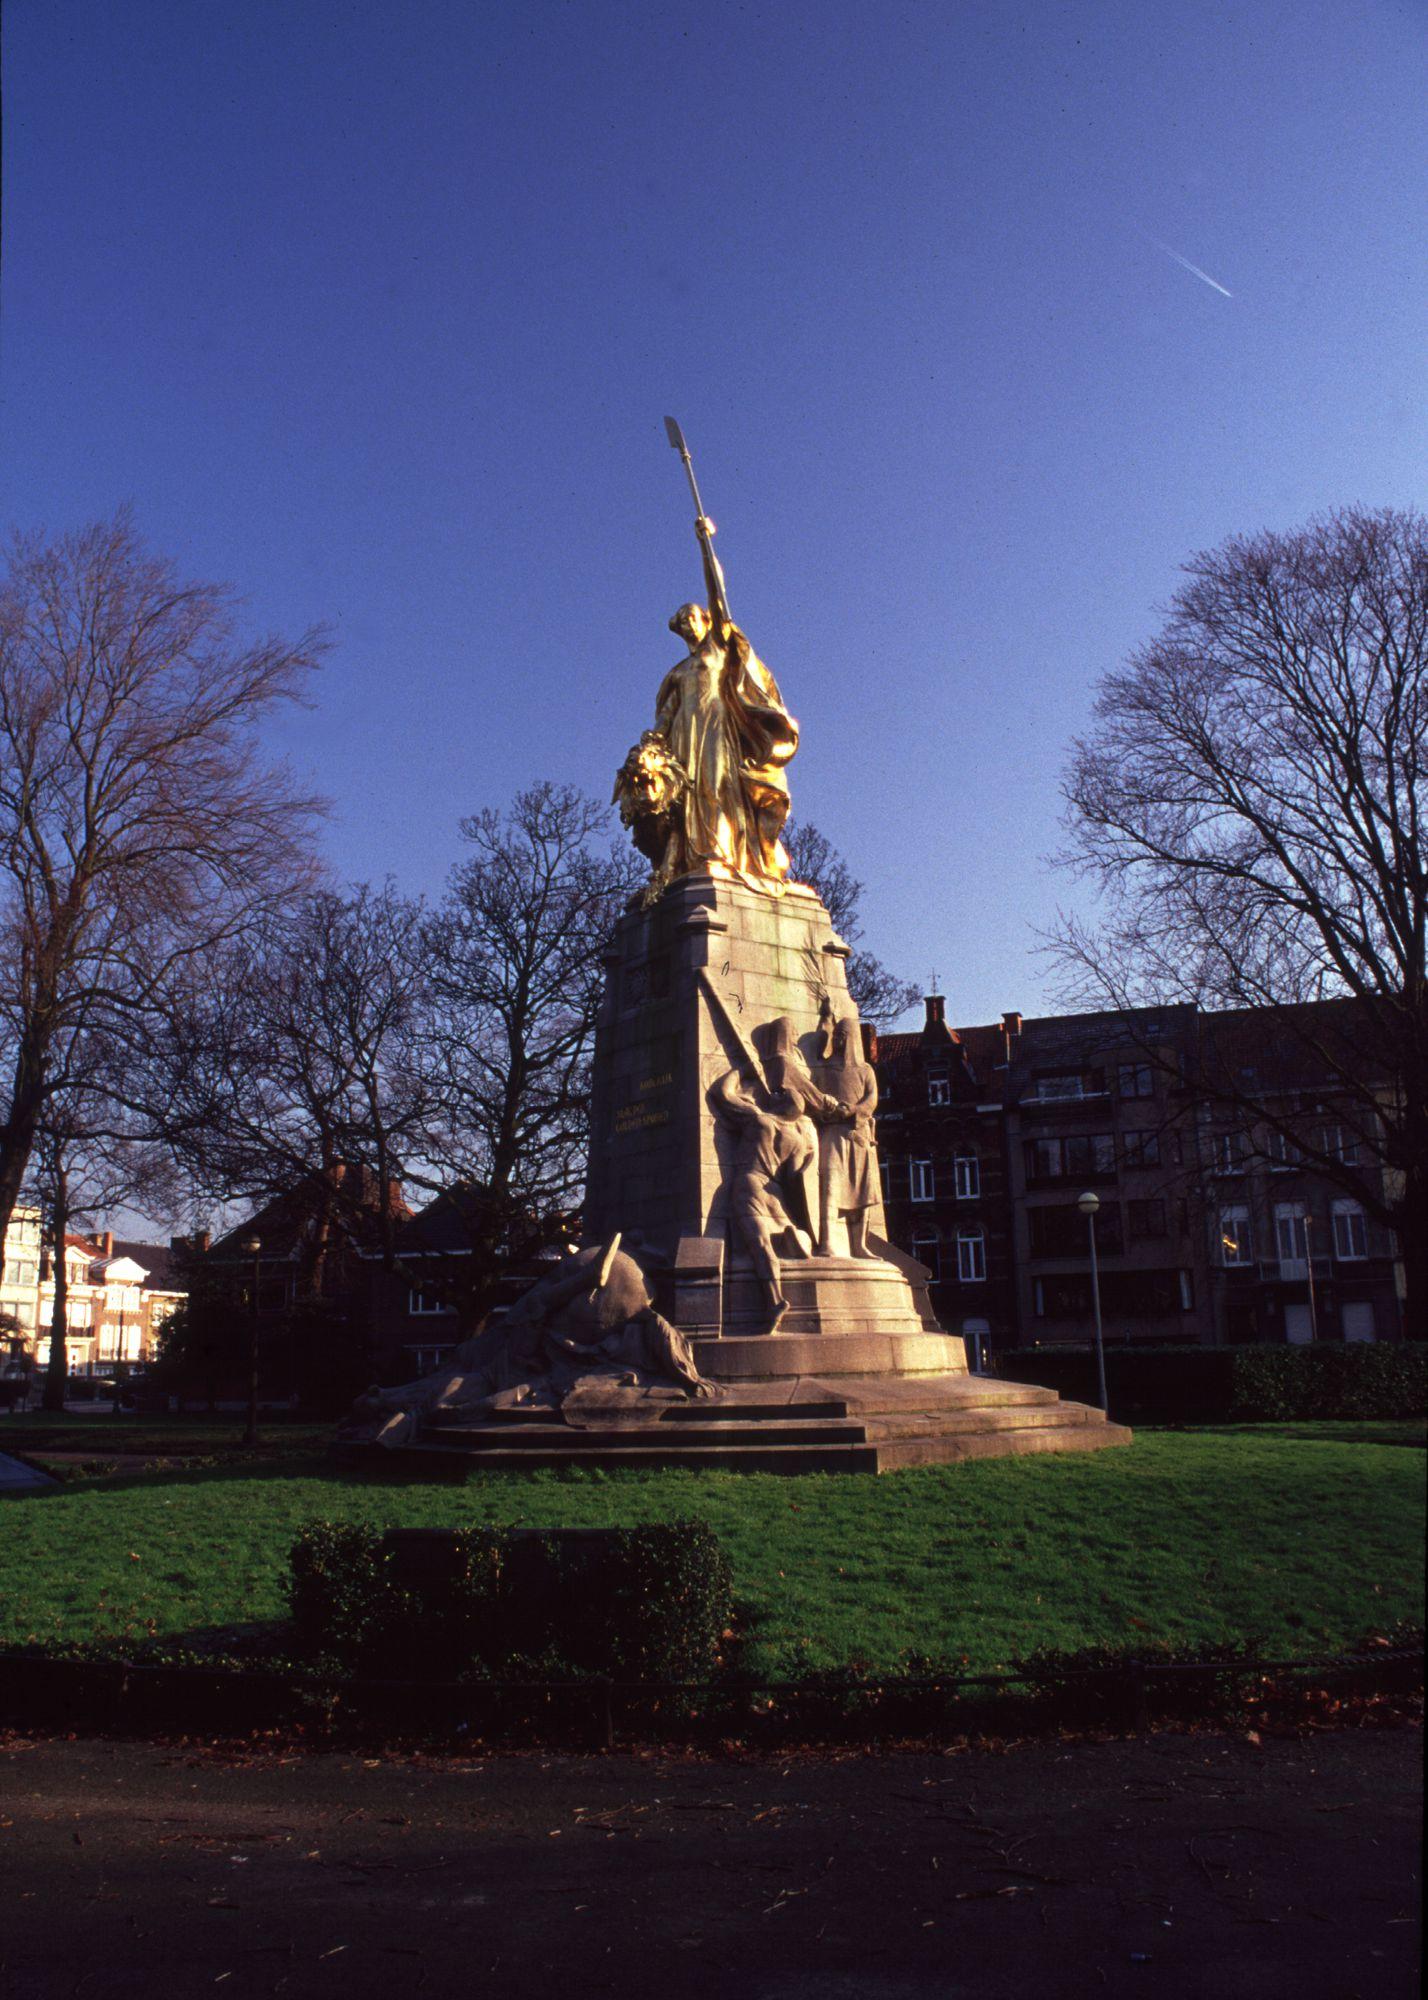 Maagd van Vlaanderen